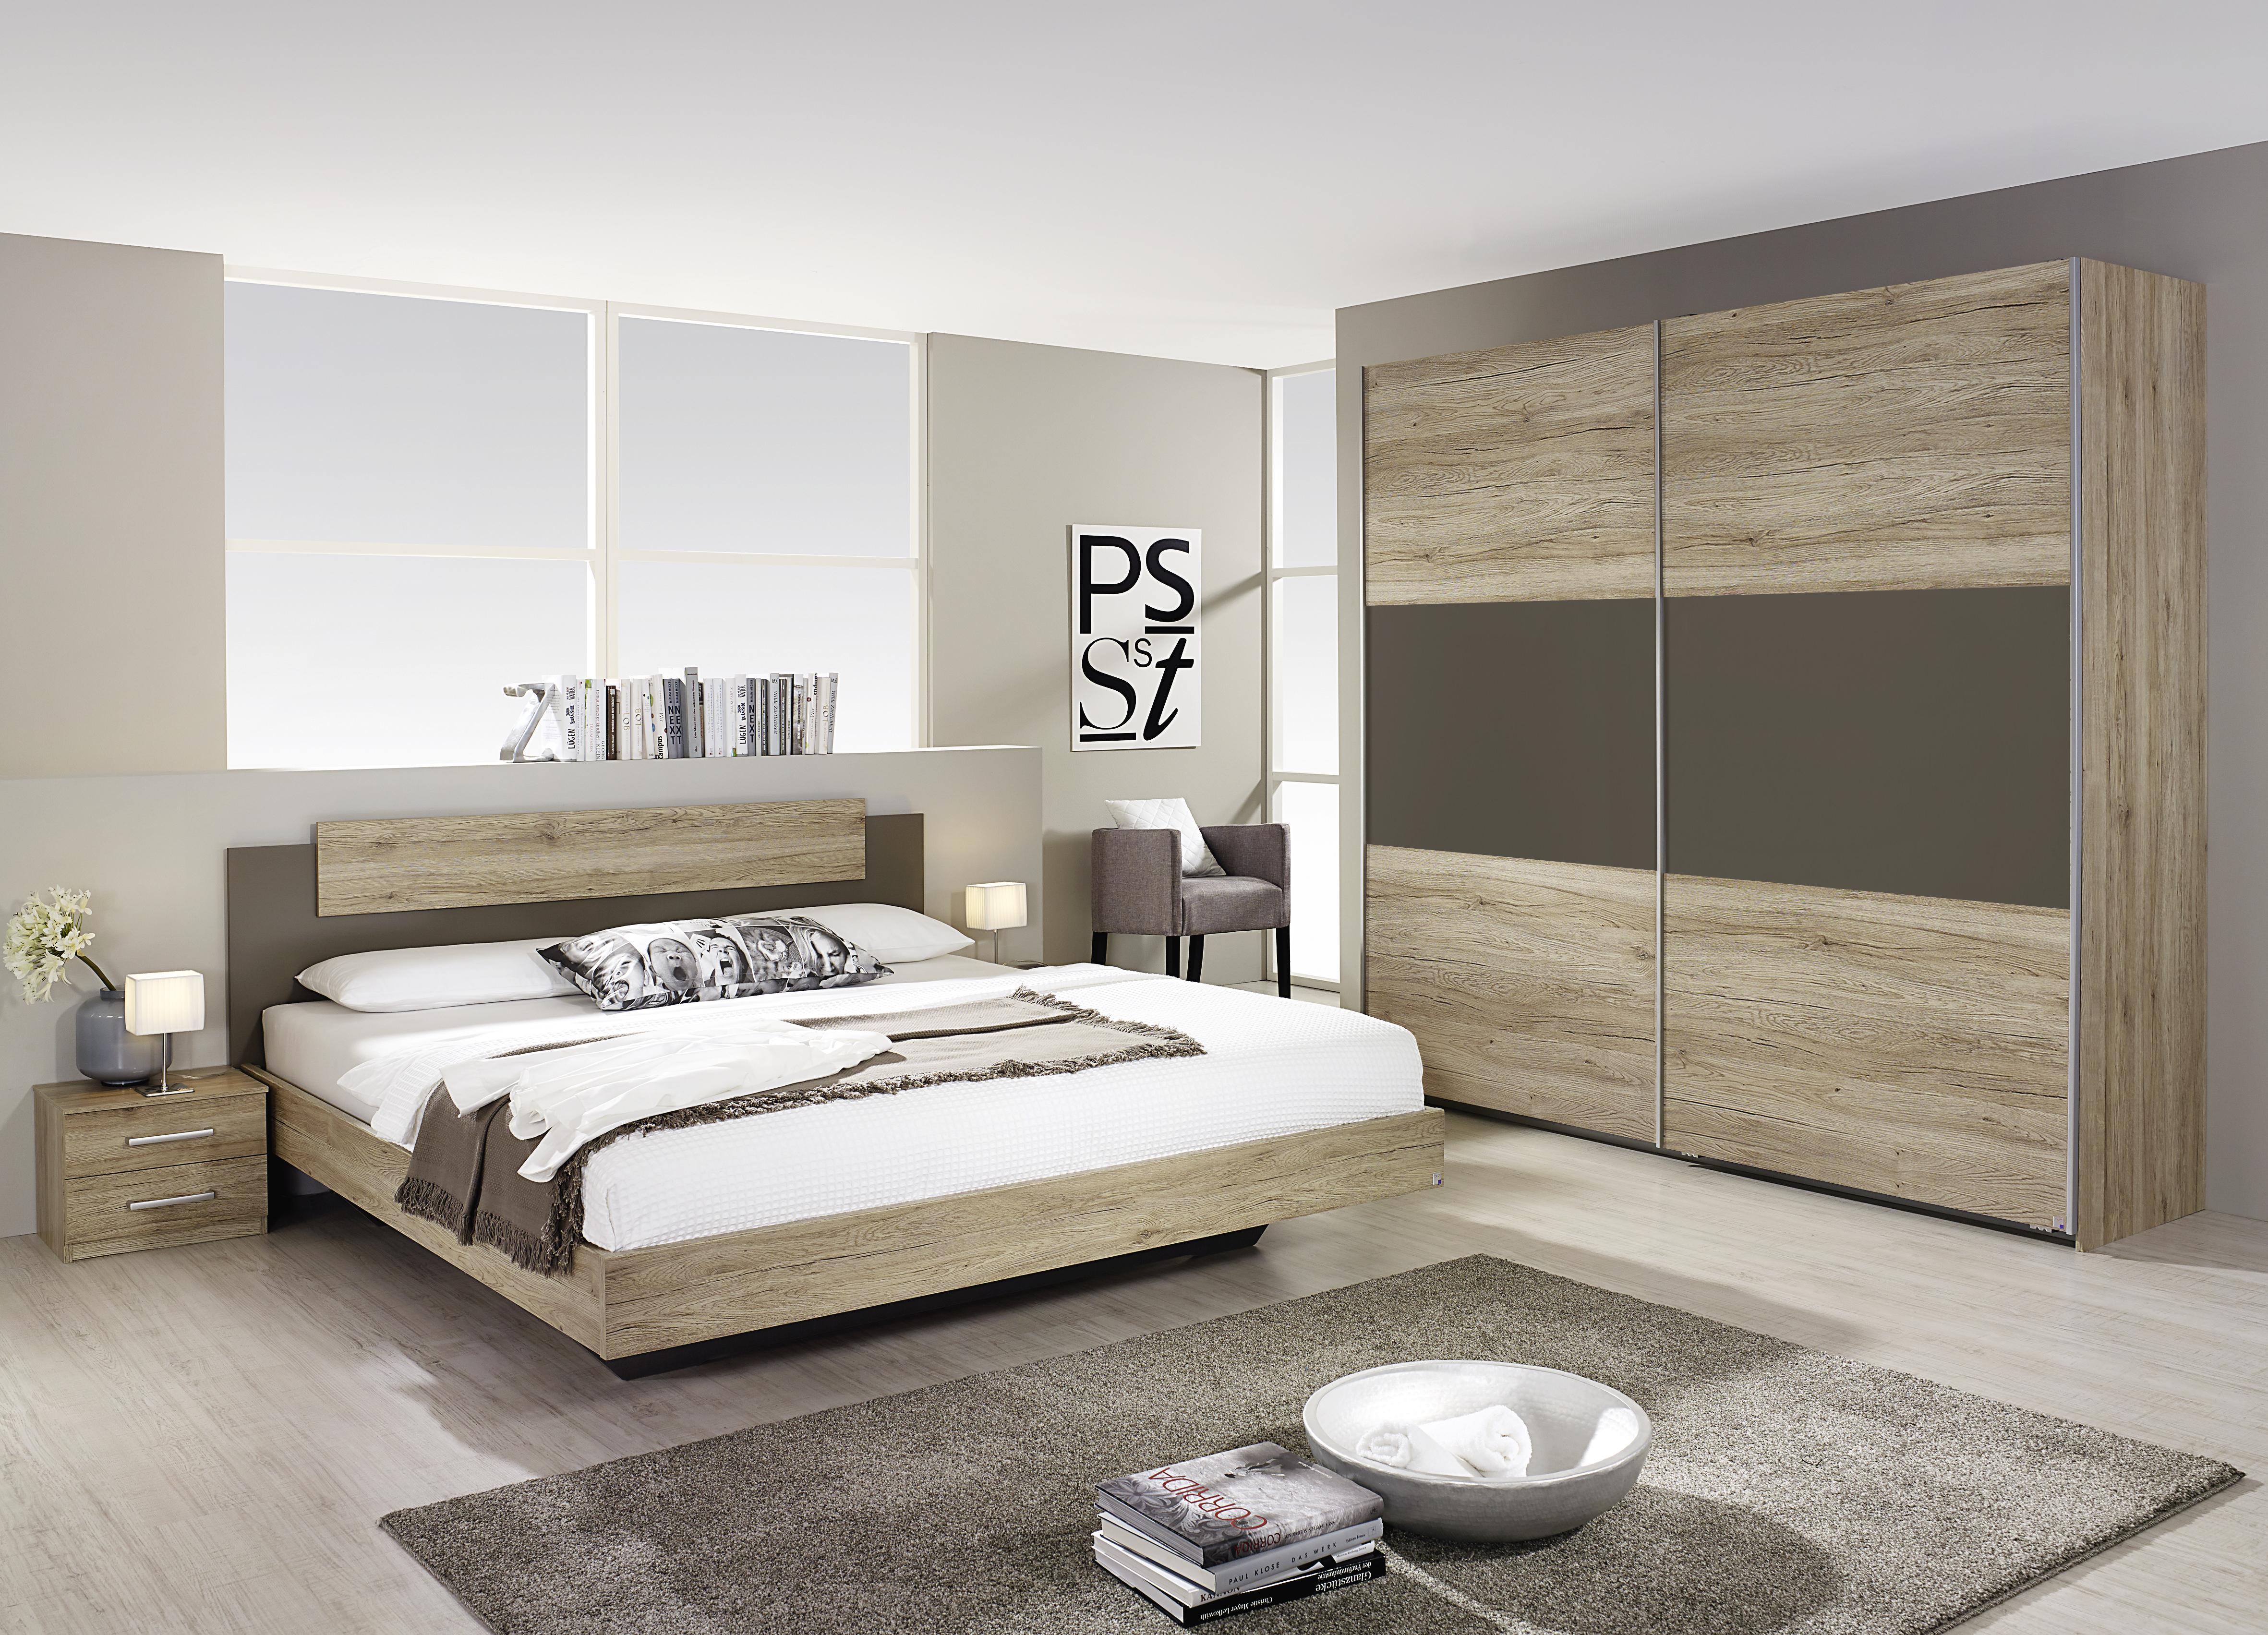 Slaapkamer joeri meubelen voor thuis salons eetkamers slaapkamers relaxen bedden - Conforama chambre a coucher ...